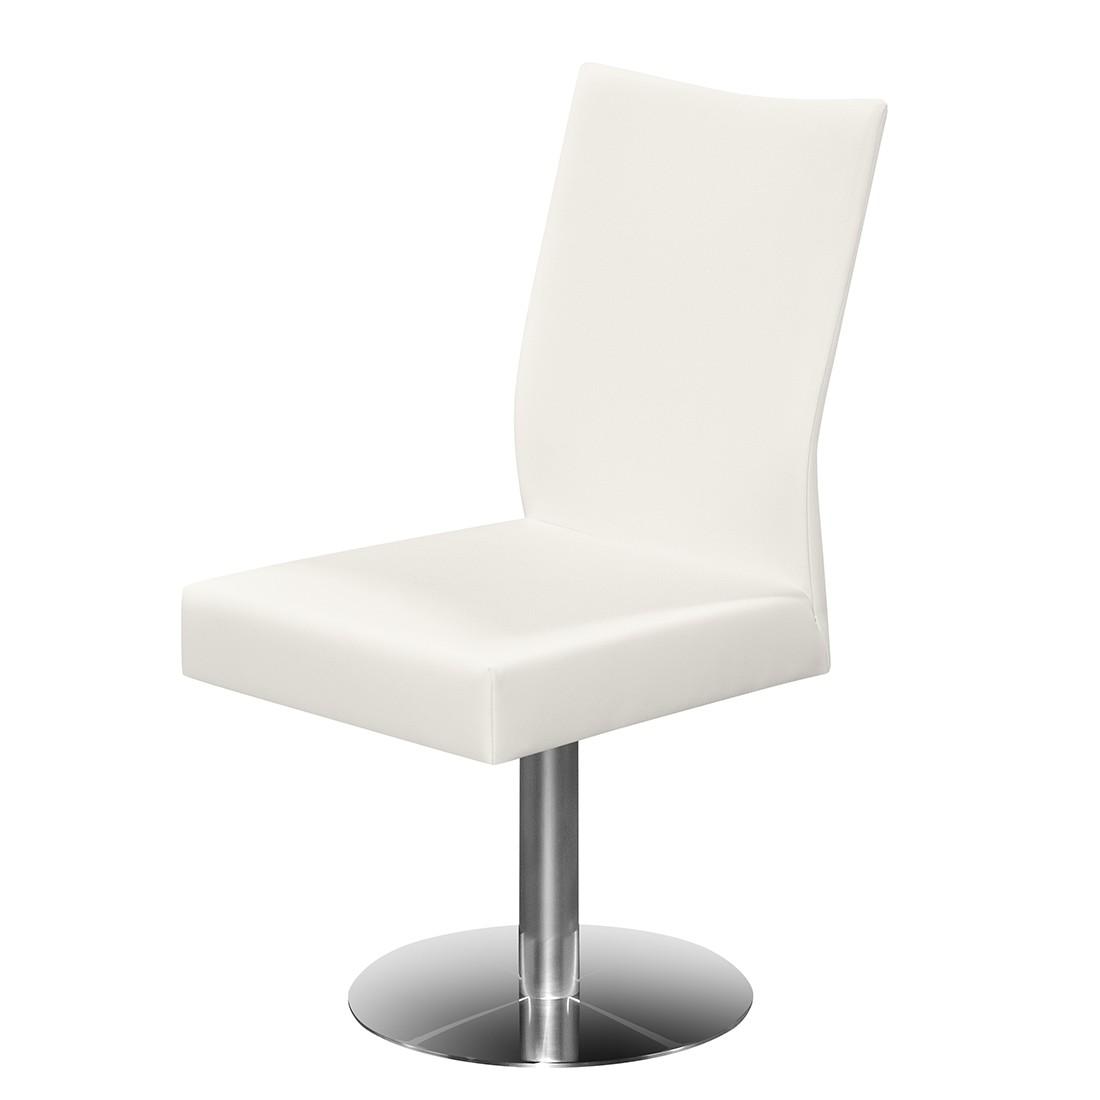 Drehstuhl Set – Echtleder Weiß, Arte M online bestellen